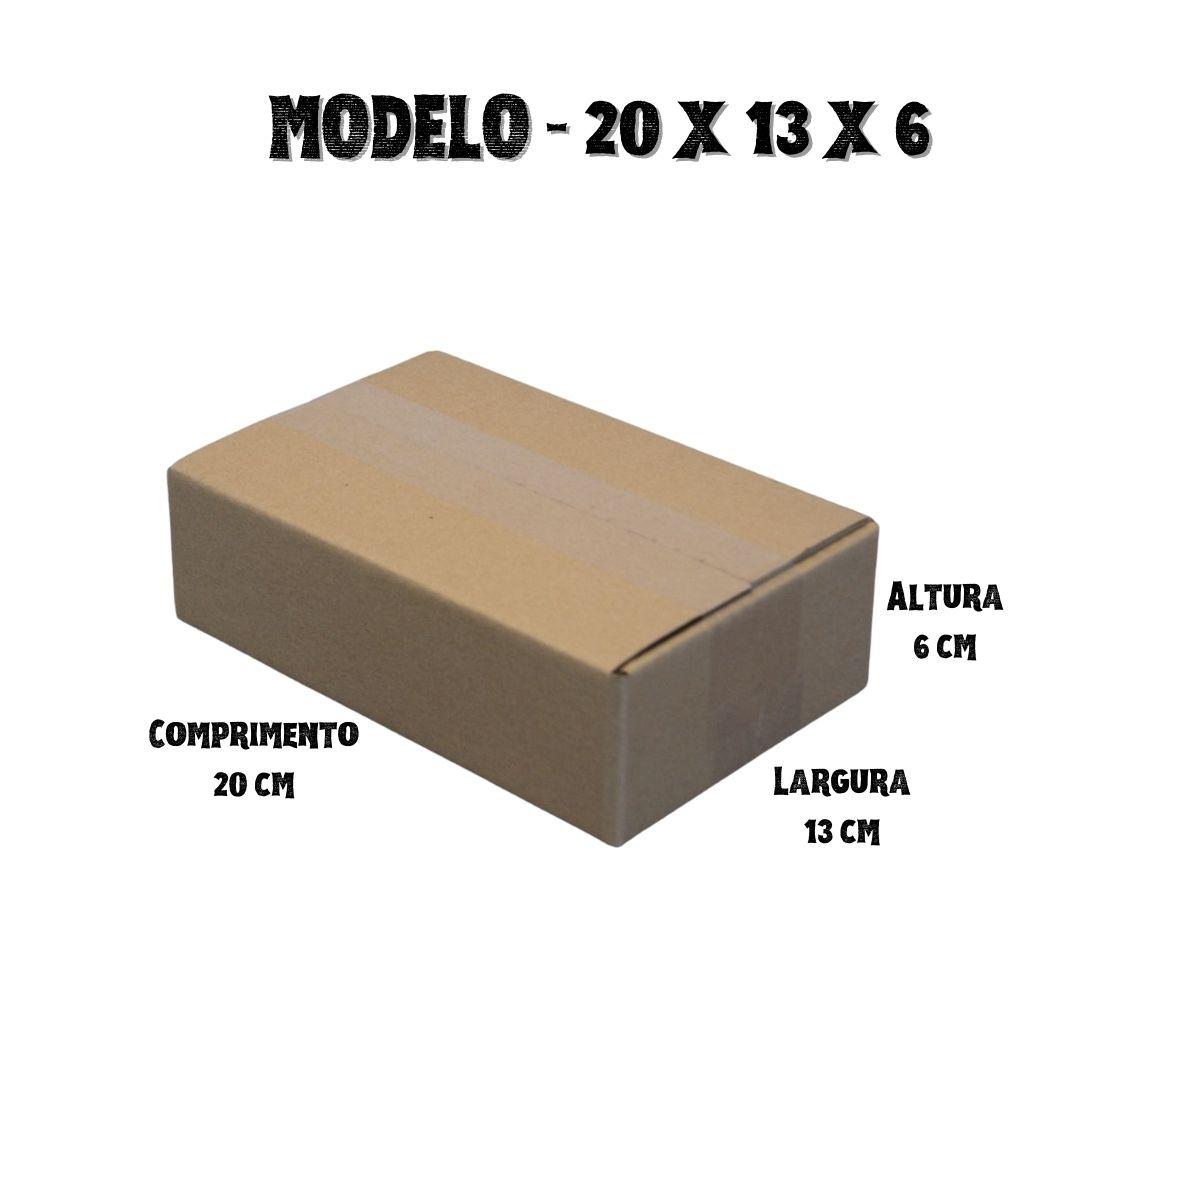 100 Caixas de Papelao (20X13X6)cm - Sedex / Pac / Correios